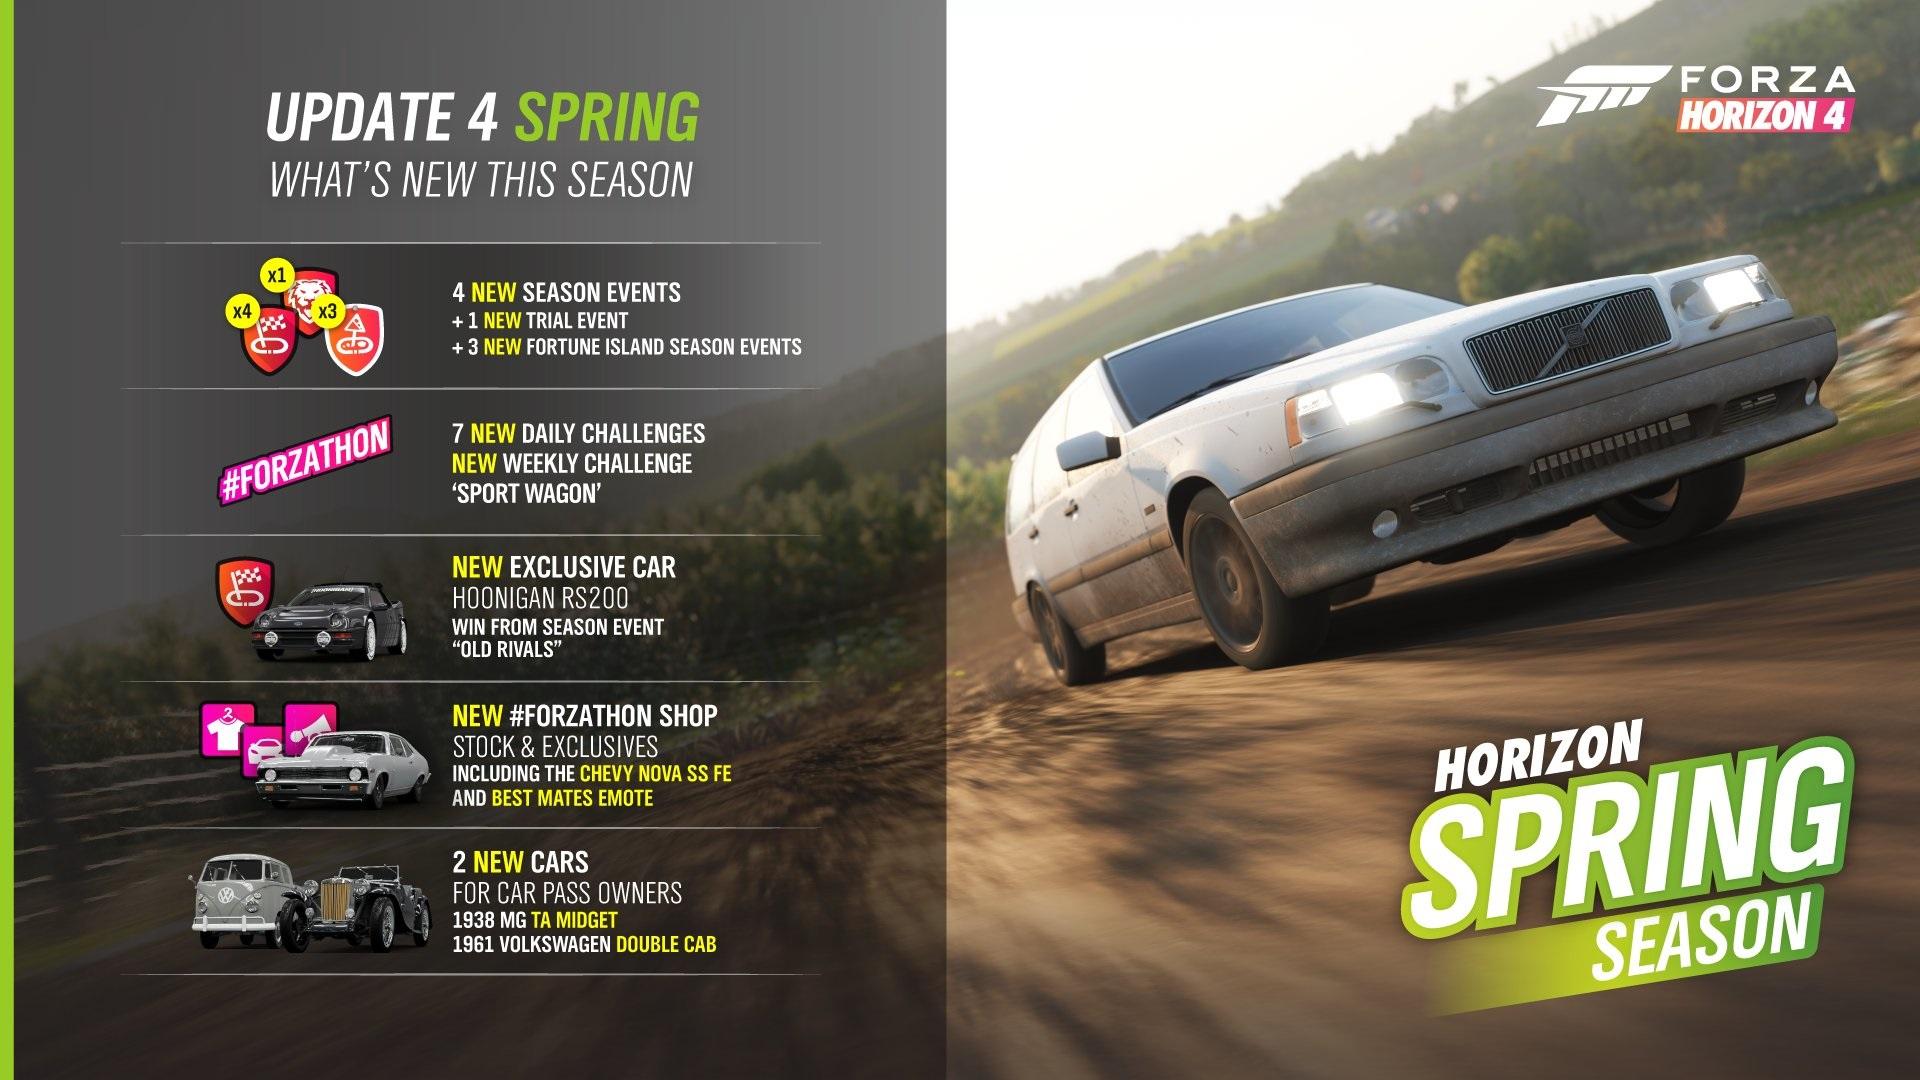 Forza horizon 4 update